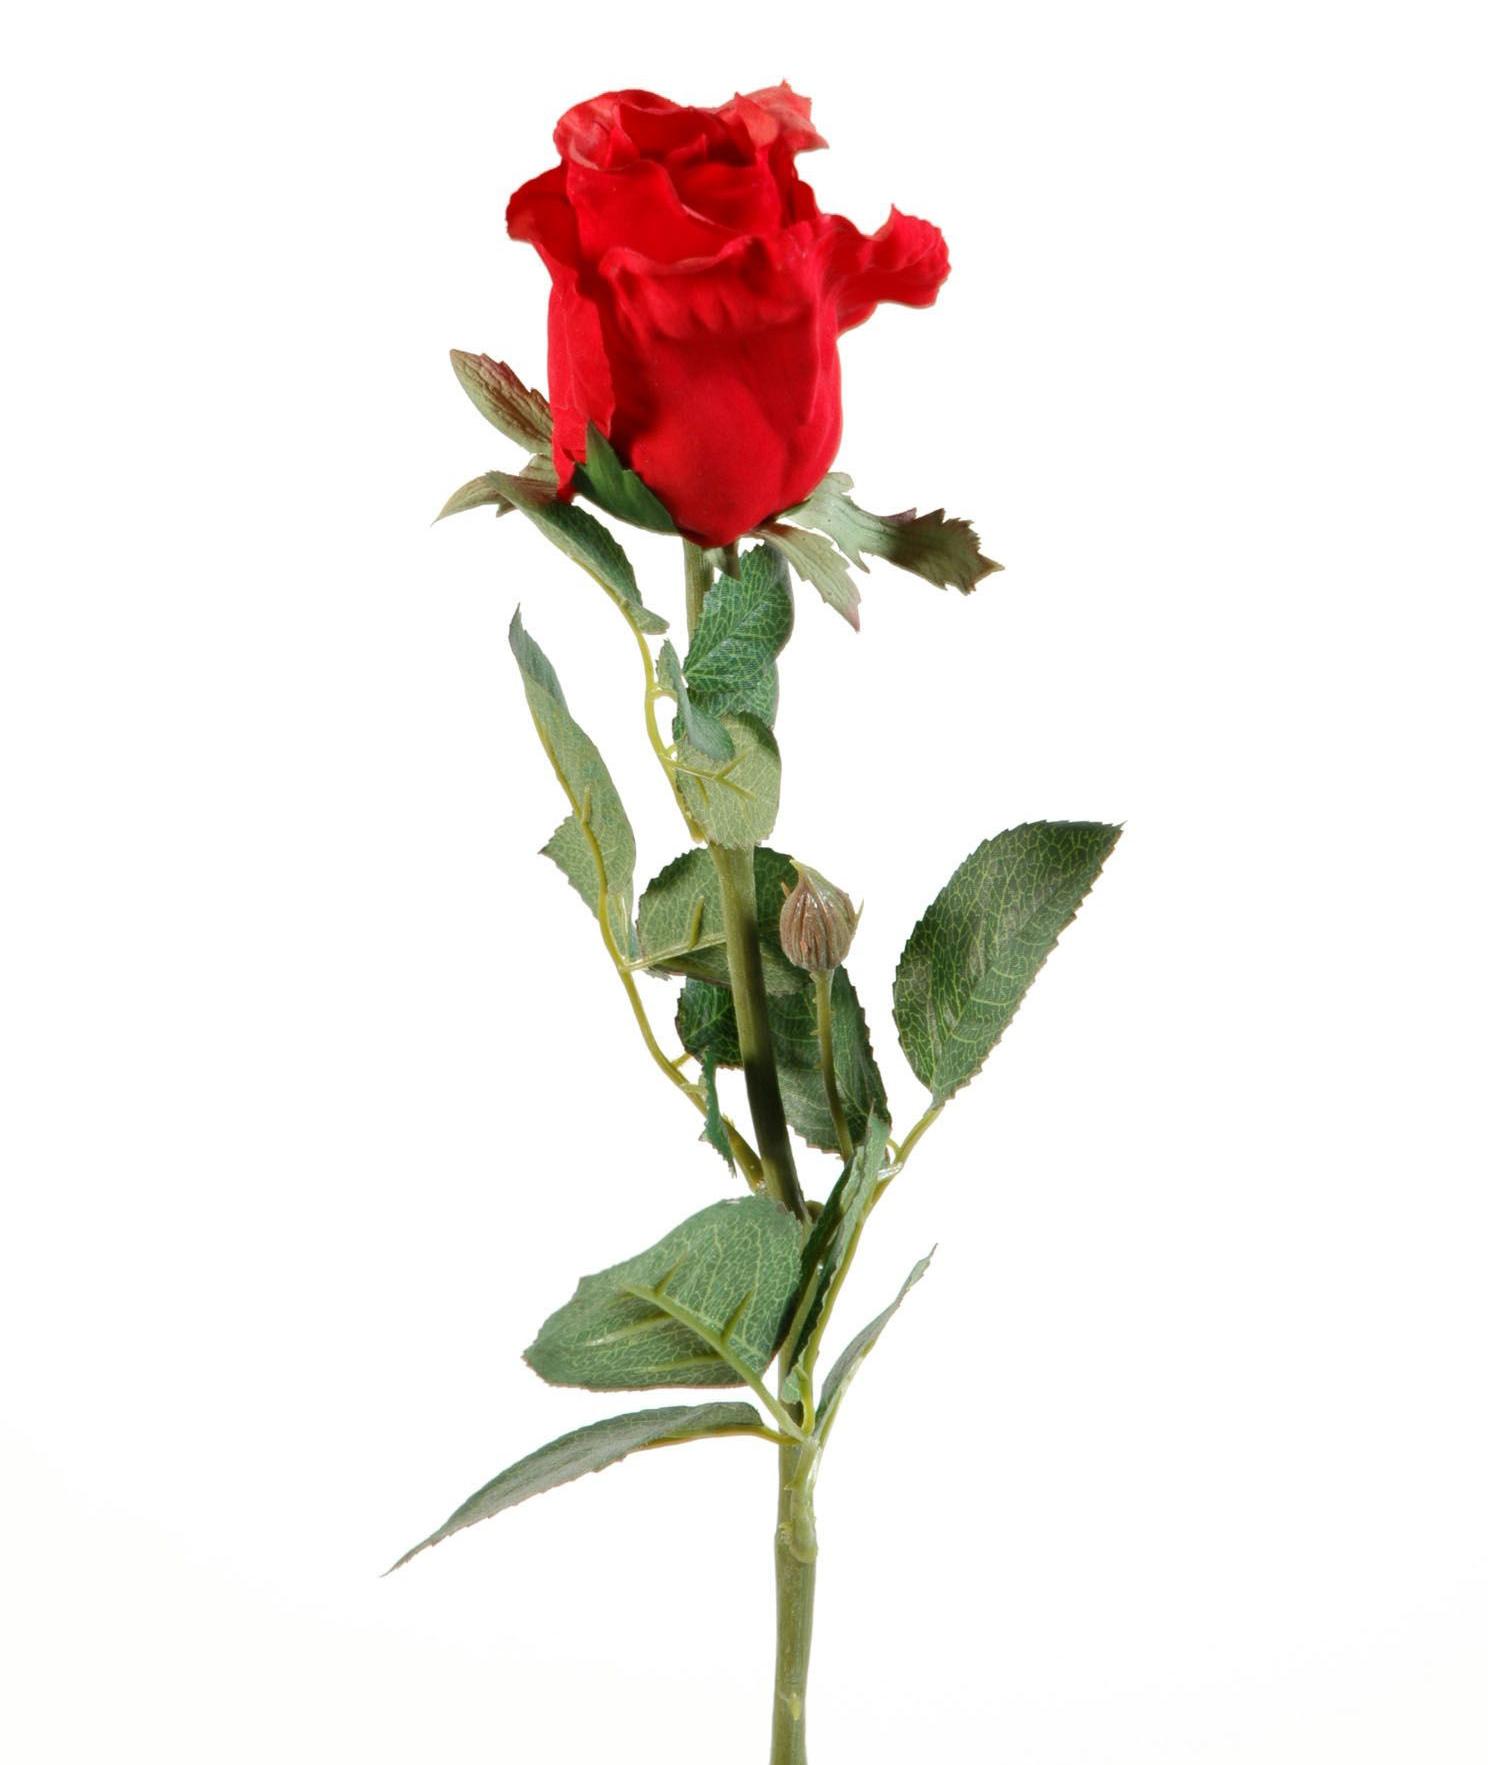 фото одной красной розы на белом фоне молодом возрасте